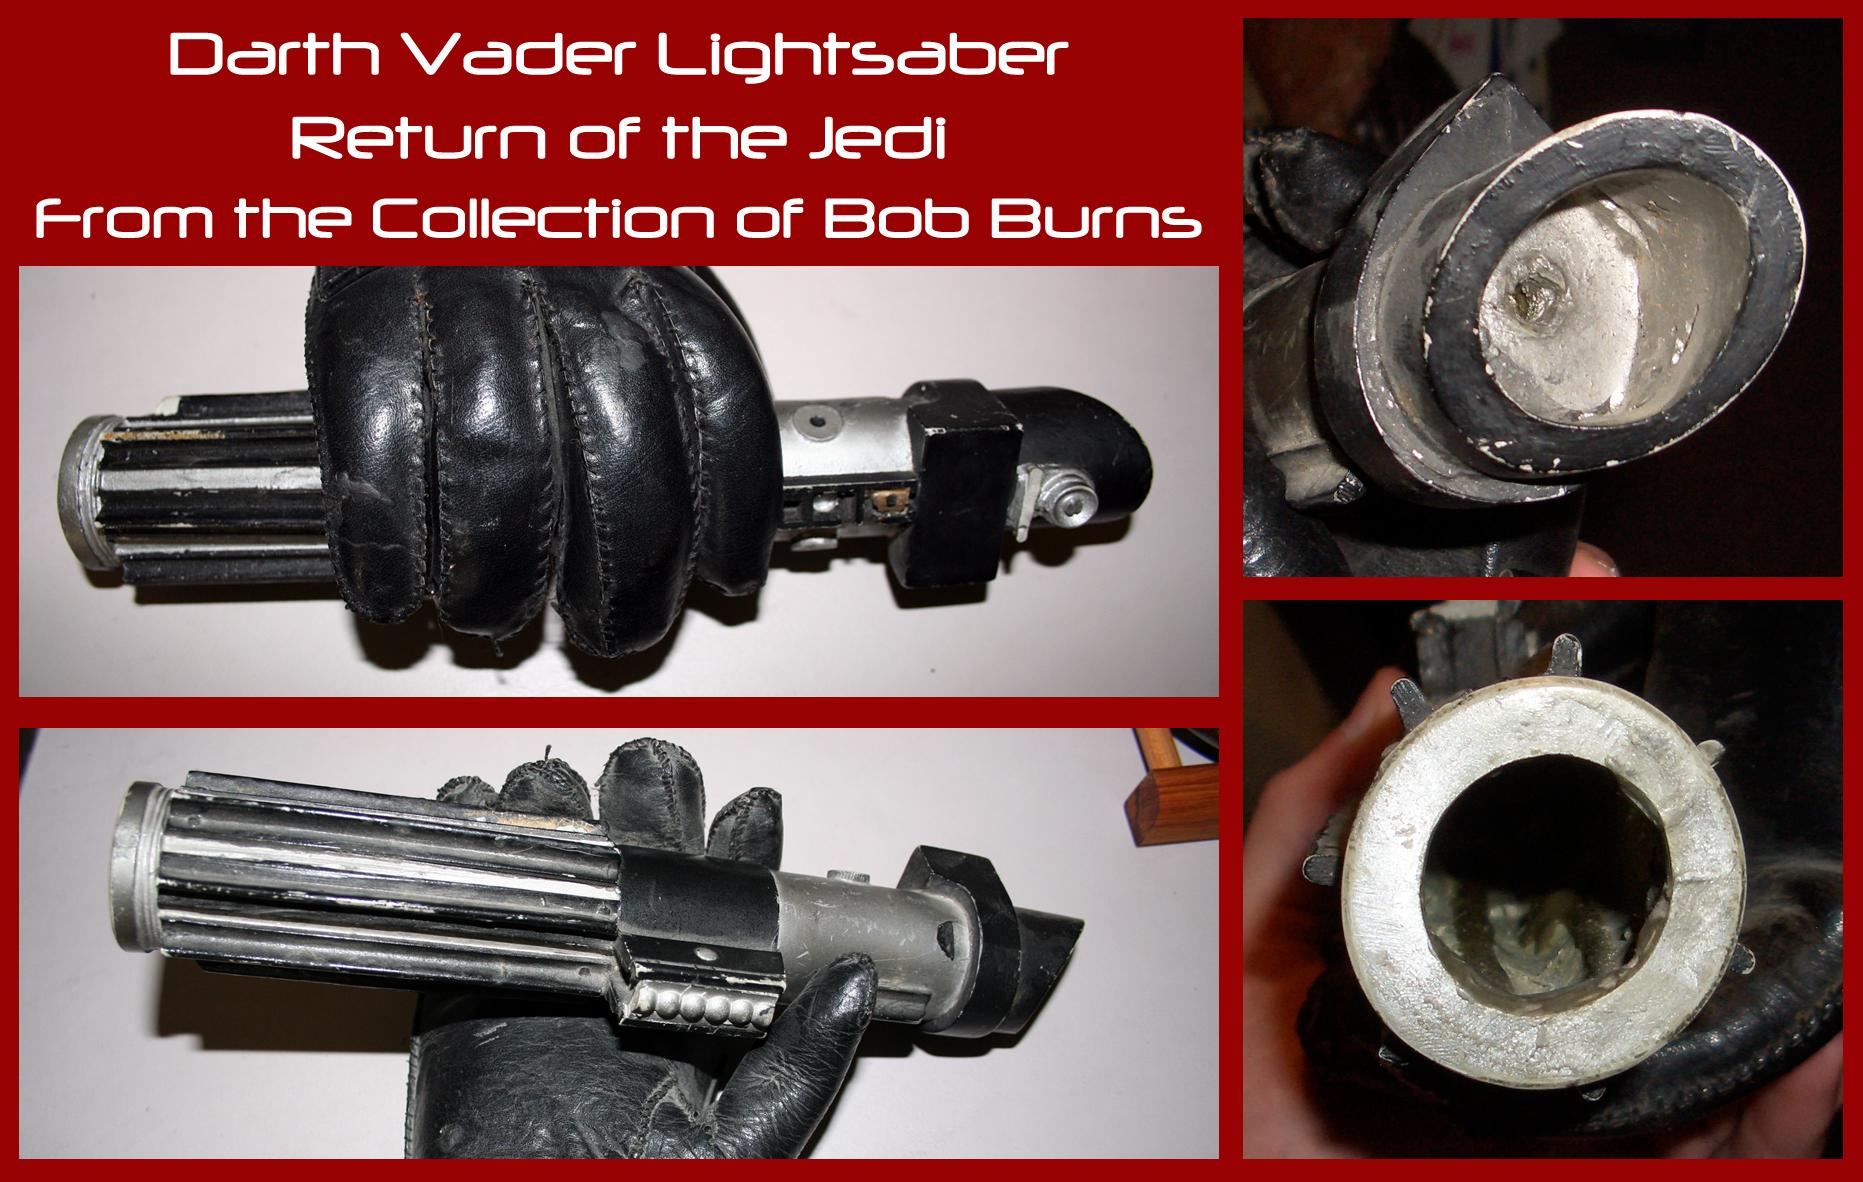 Darth-Vader-Return-of-the-Jedi-Lightsaber-Bob-Burns-Collection.jpg